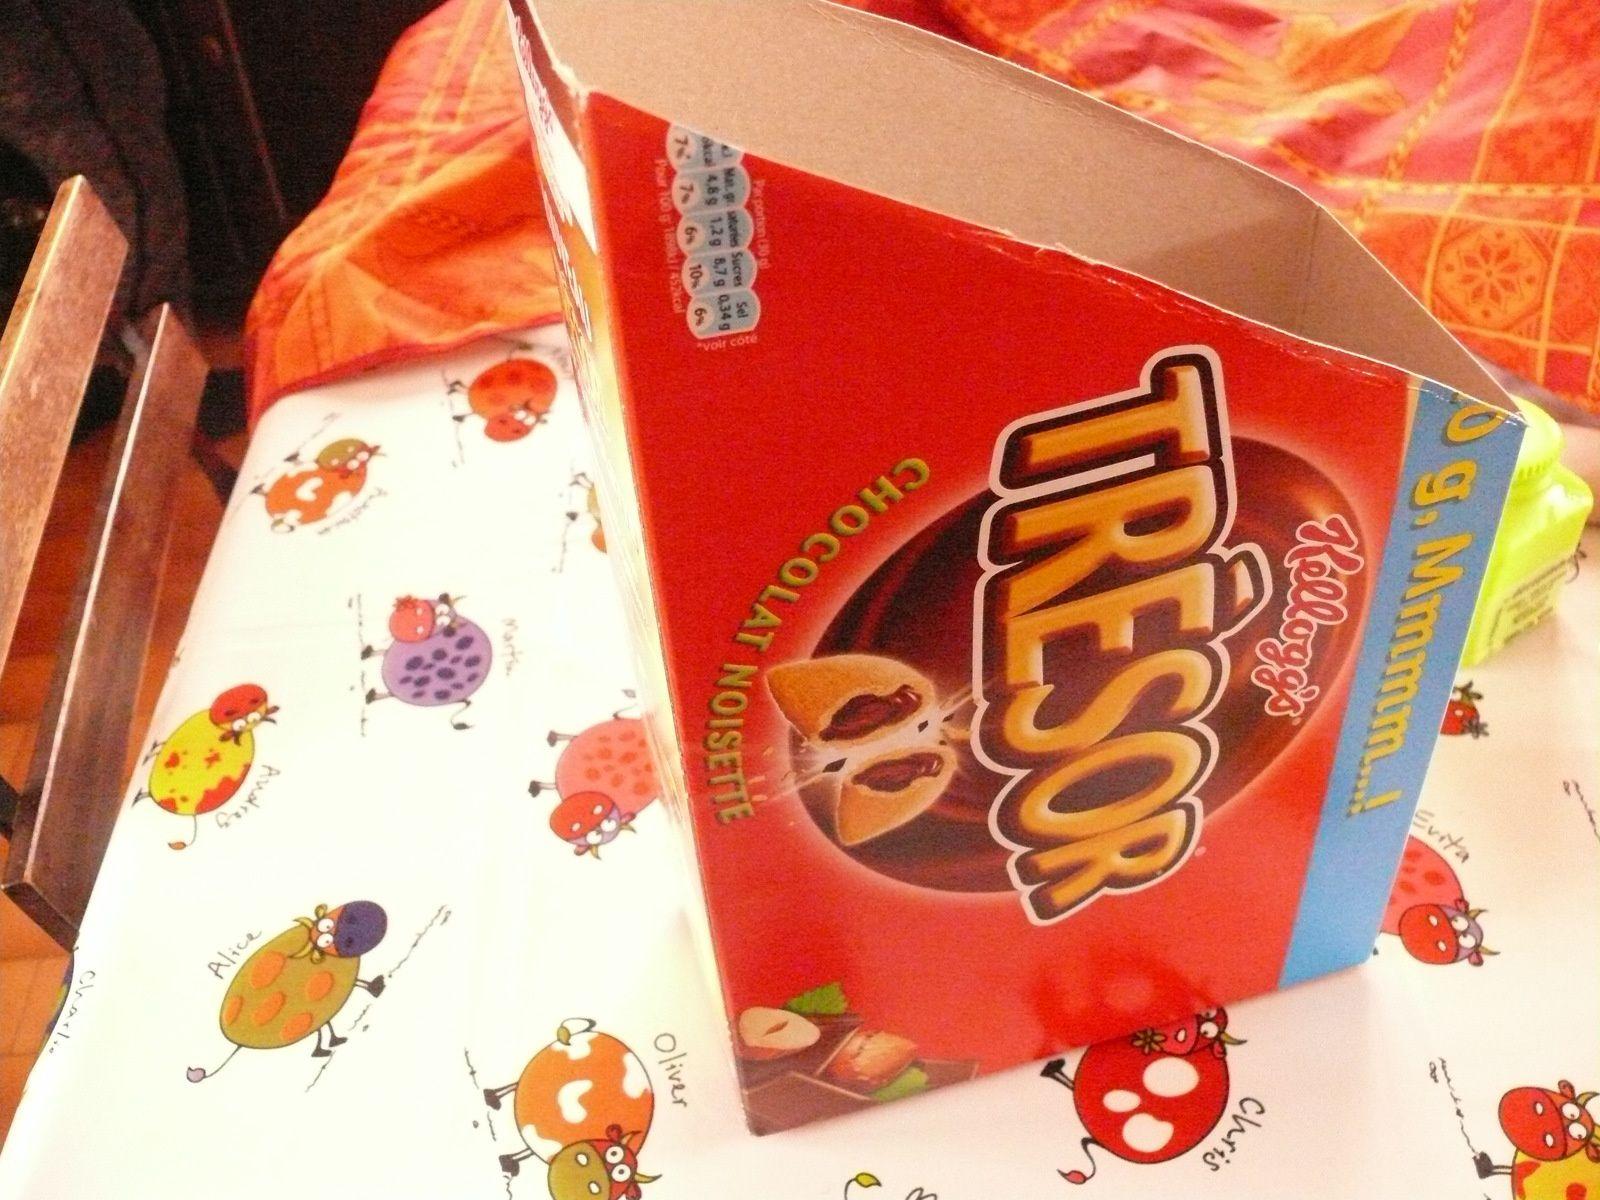 boite de céréales transformée en boite de rangement